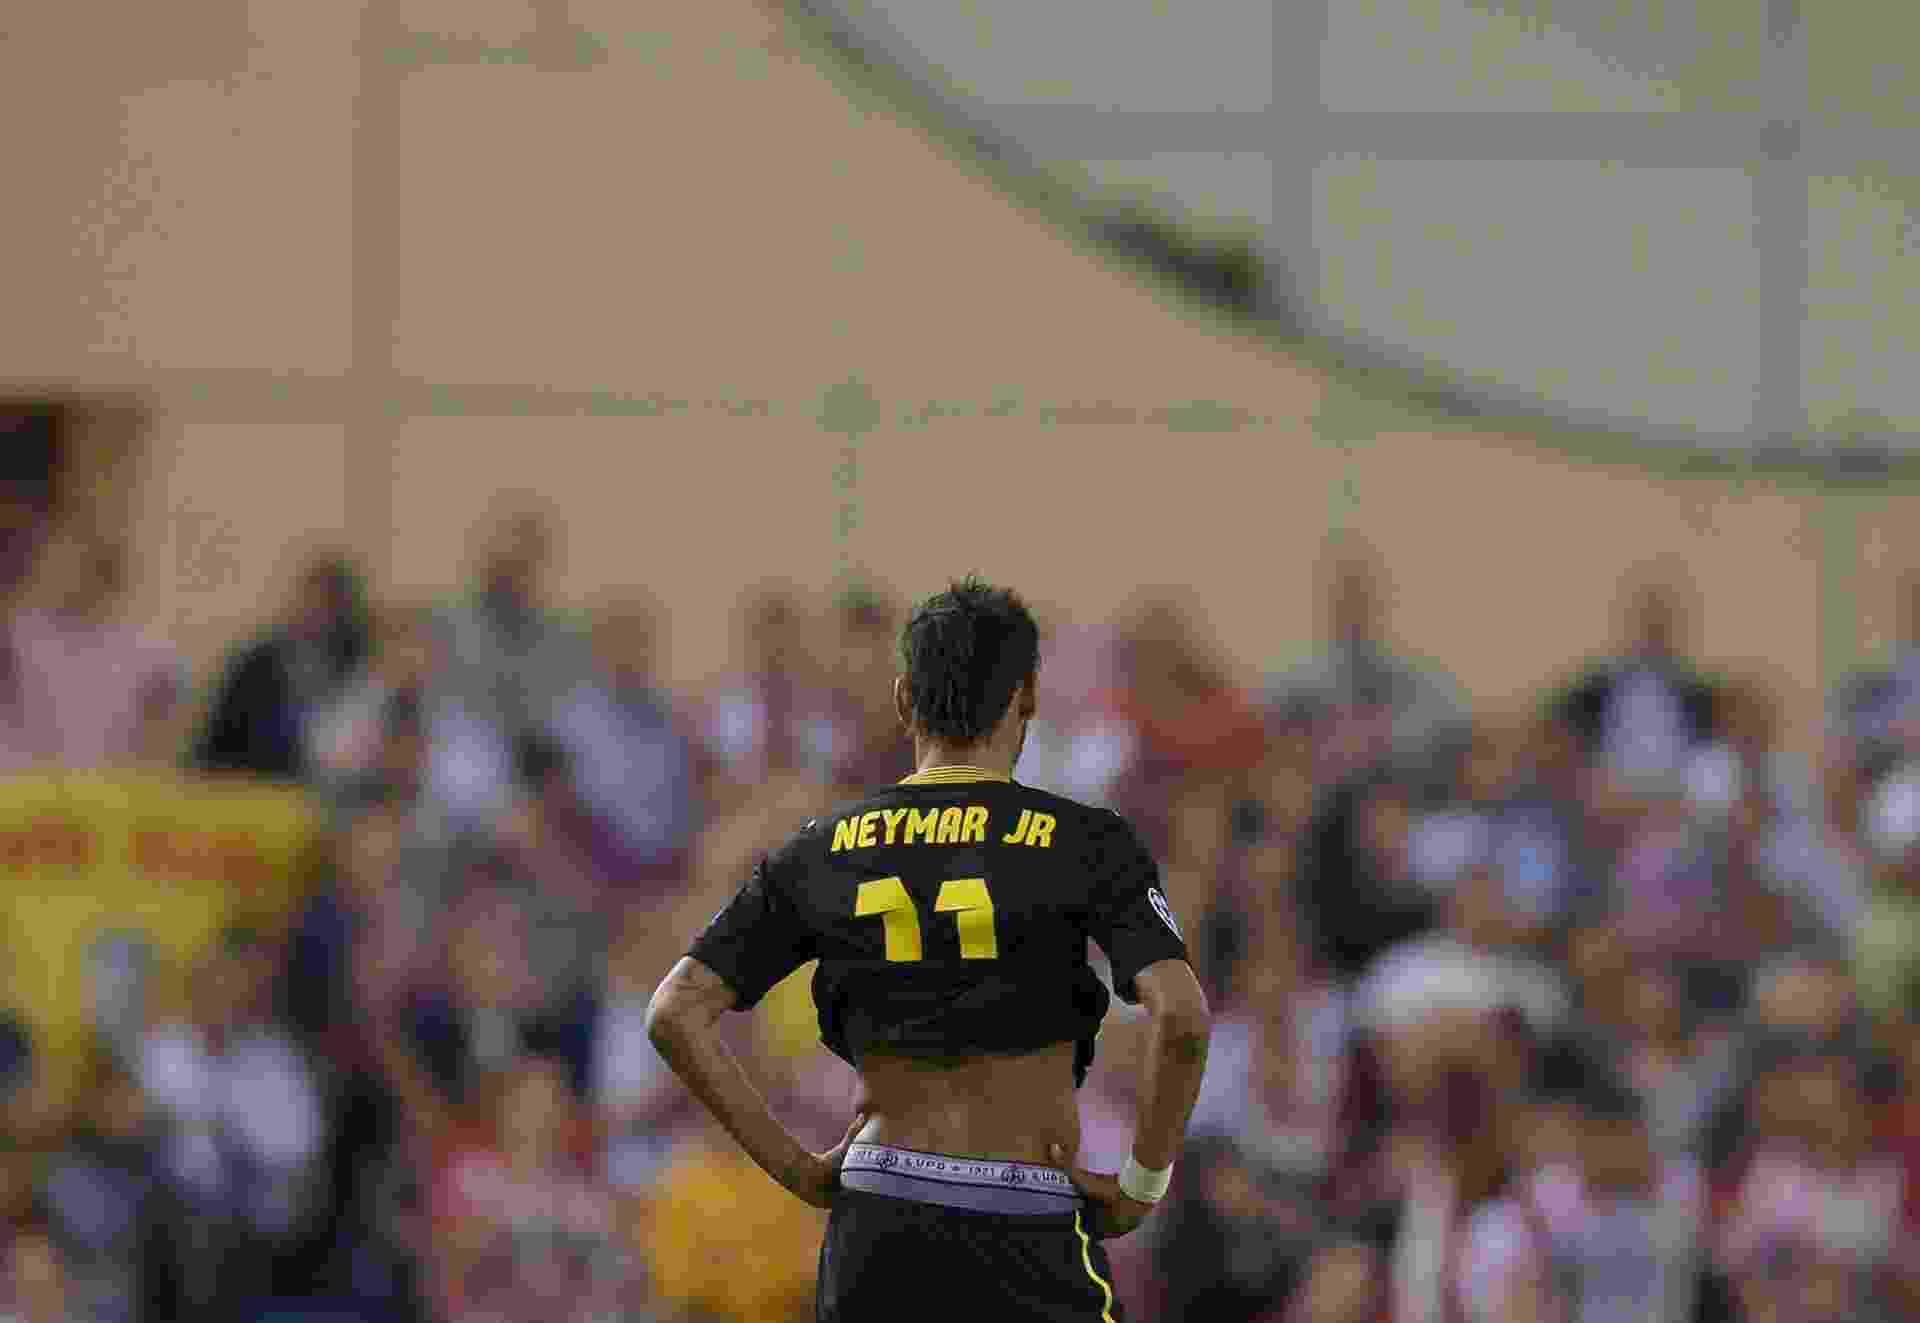 Neymar mostra marca de patrocinadora na cueca em jogo do Barcelona contra o Atlético de Madri pela Liga dos Campeões da Europa - Dani Pozo/AFP